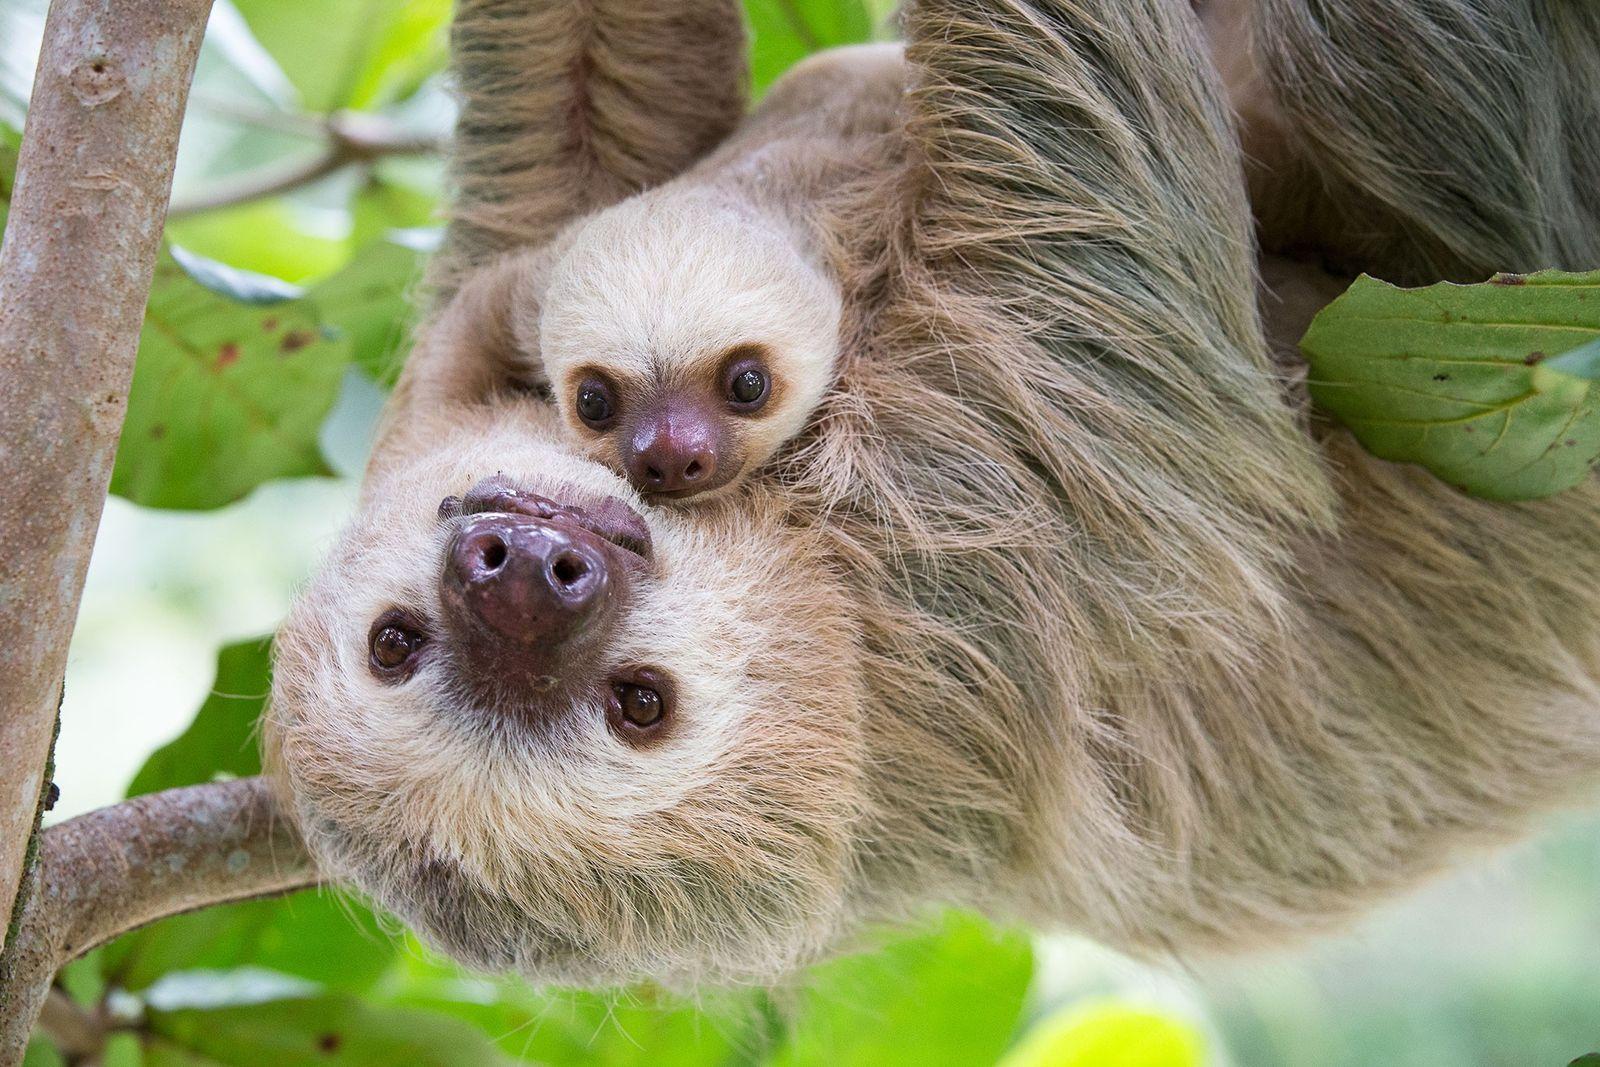 Ein weibliches Hoffmann-Zweifingerfaultier trägt Aviarios Sloth Sanctuary in Costa Rica ihr zwei Monate altes Jungtier.